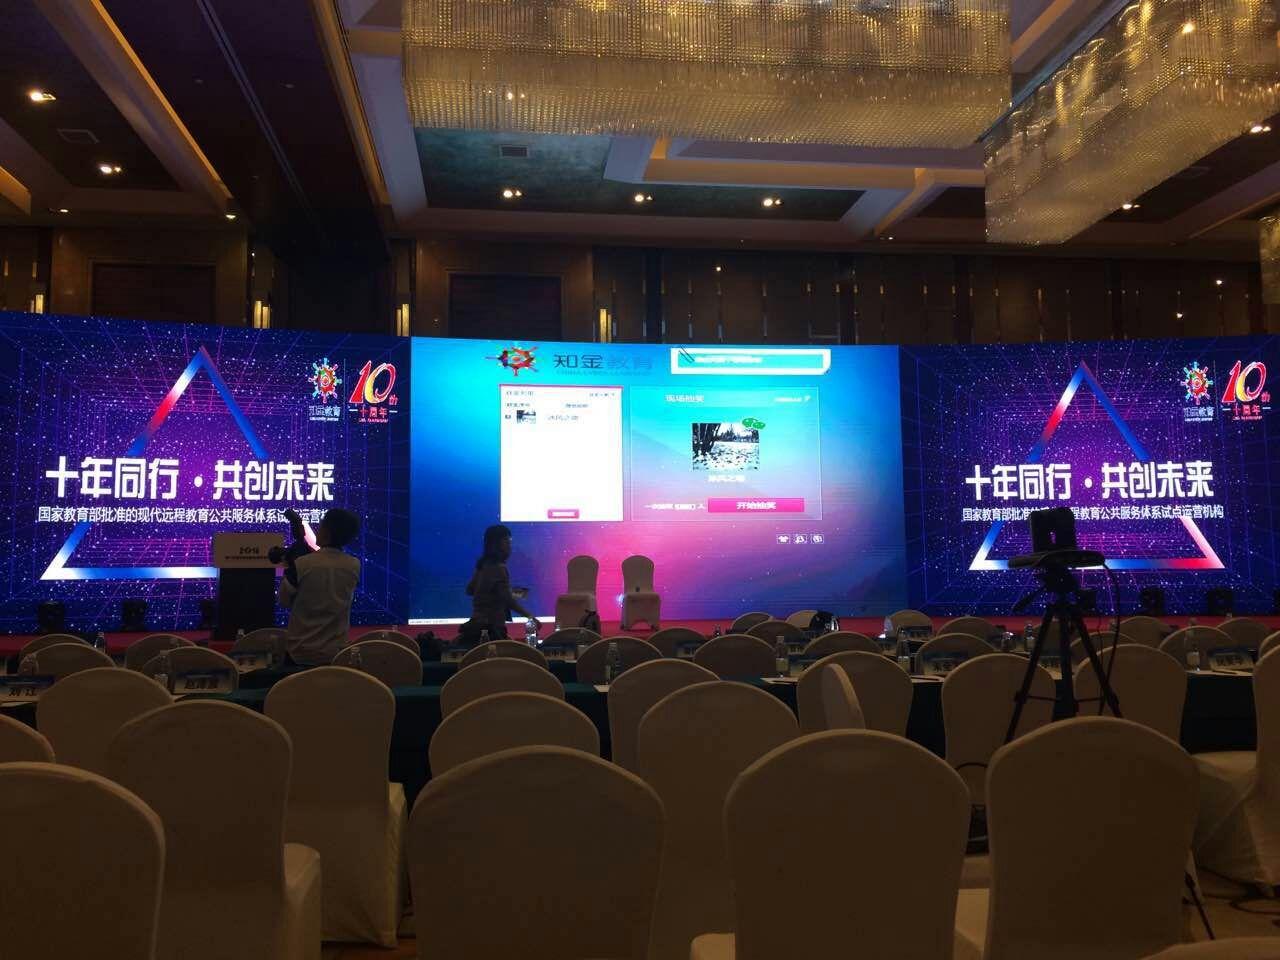 知金教育协办2016中国国际远程教育大会隆重召开